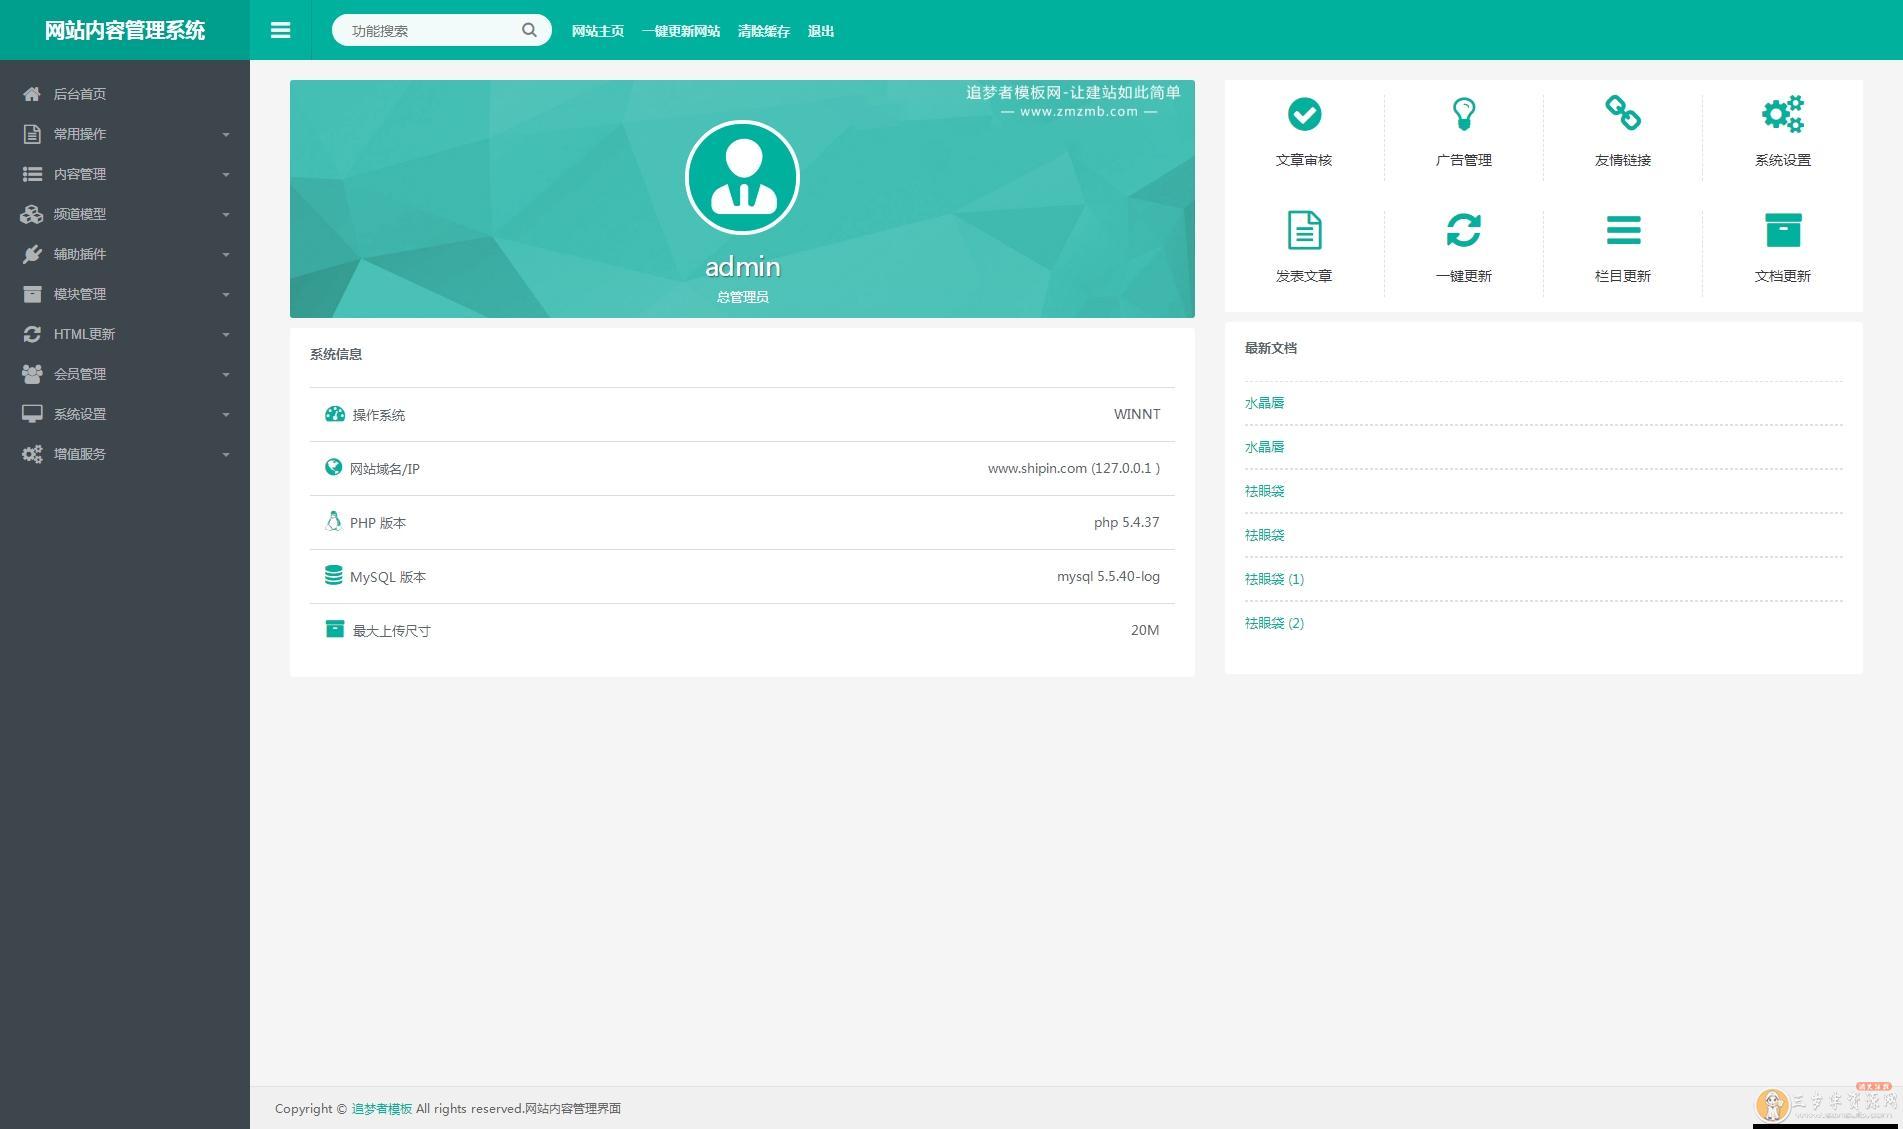 dedecms后台自适应网站模板